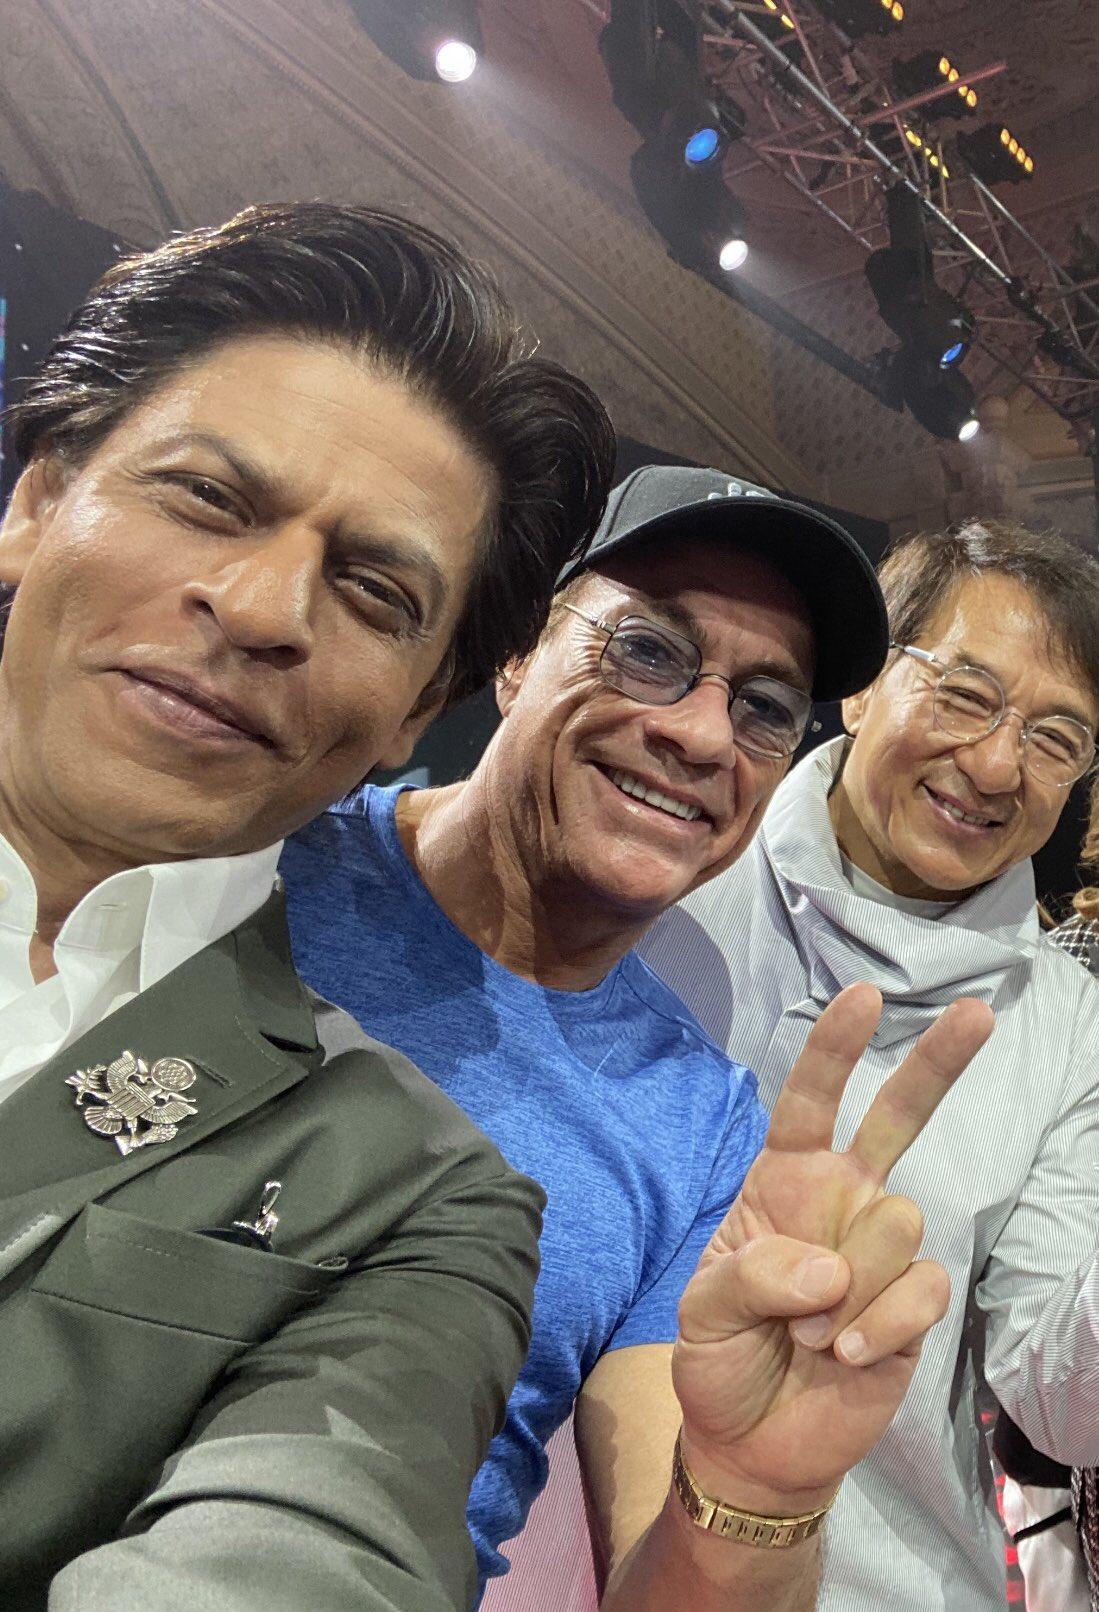 અભિનેતા શાહરુખ ખાને જેકી ચેન તથા જીન ક્લાઉડ સાથેની સેલ્ફી શૅર કરી